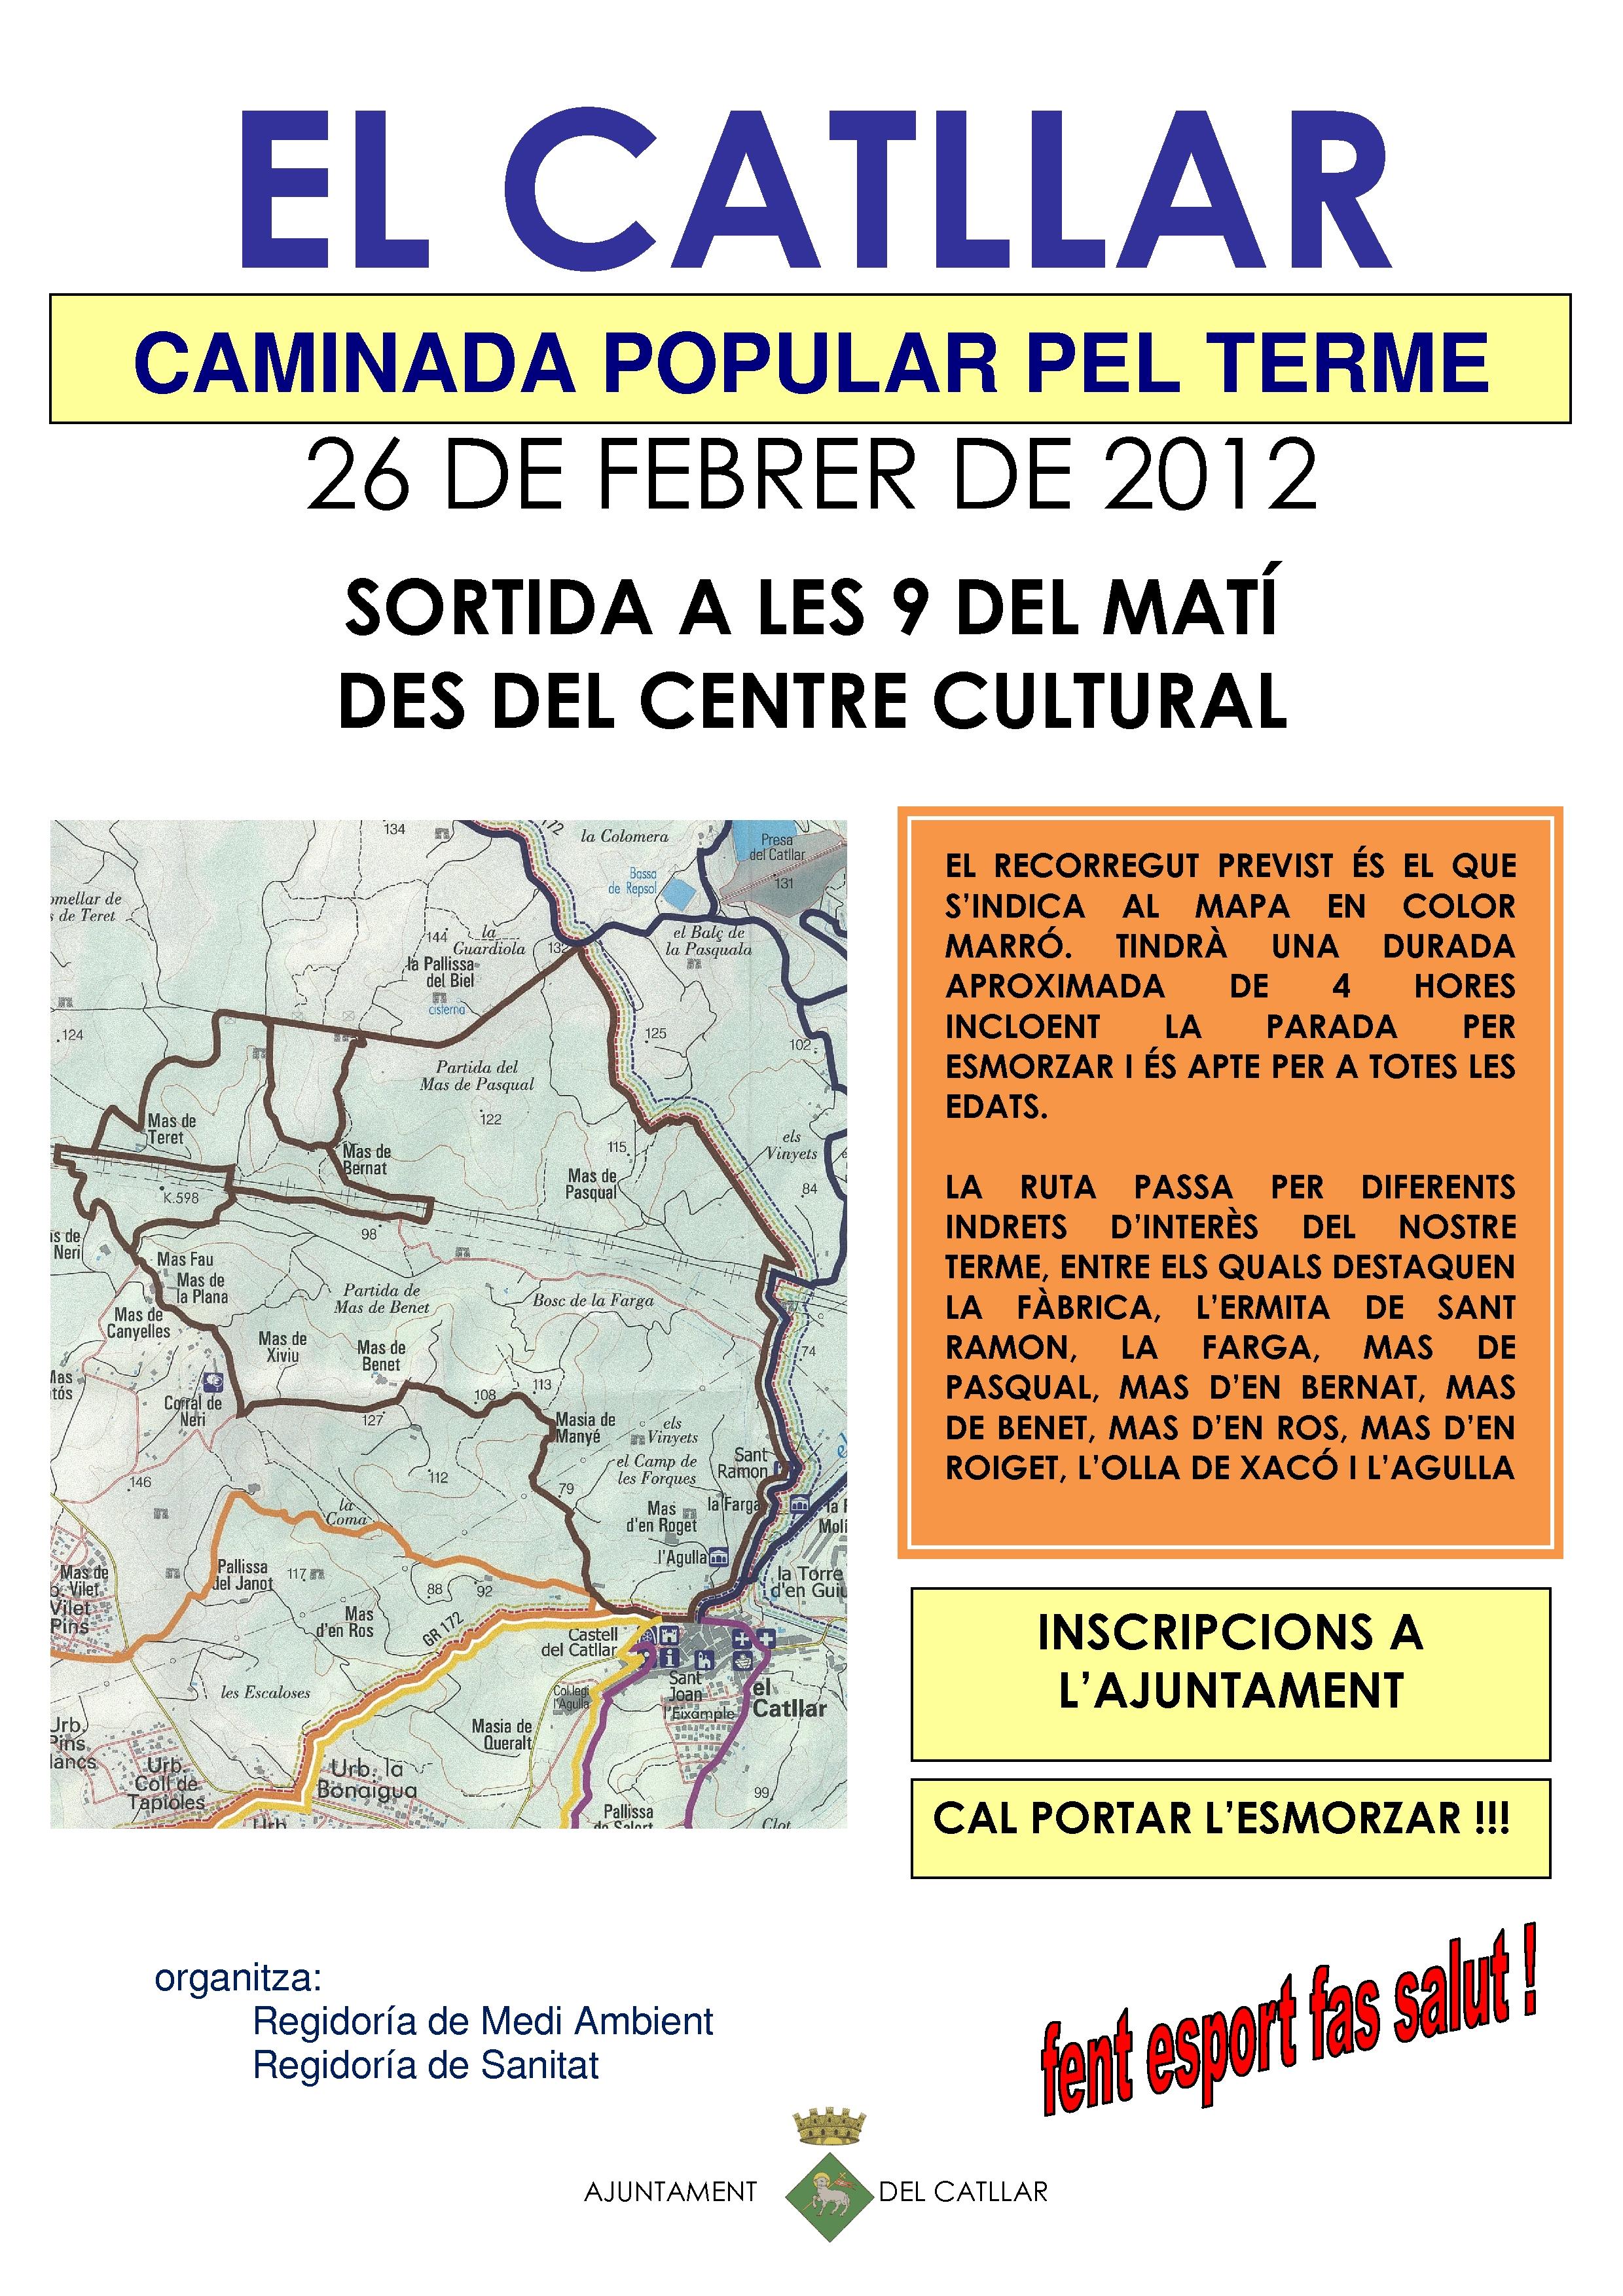 CAMINATA POPULAR POR EL TÉRMINO MUNICIPAL